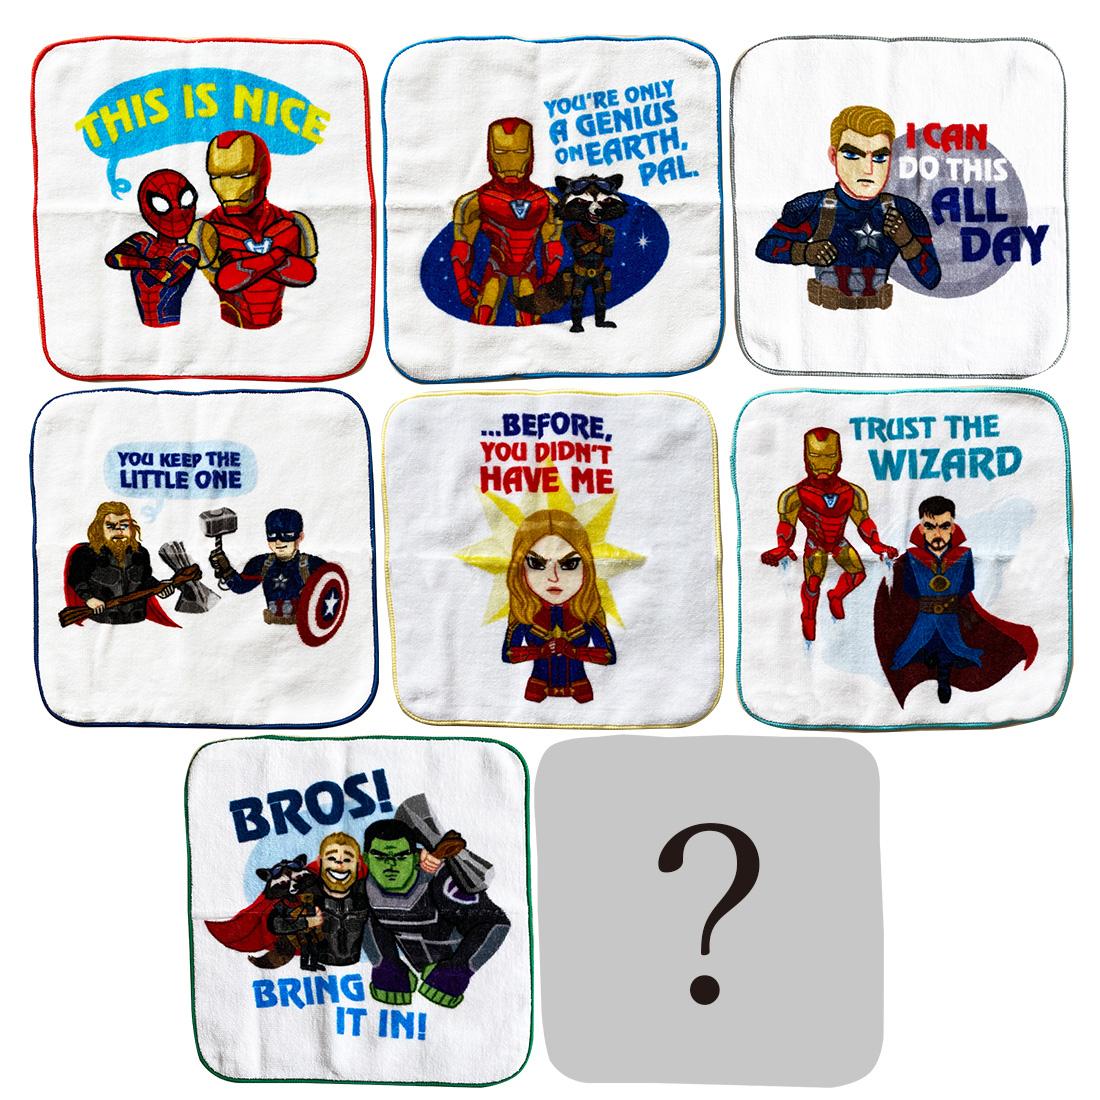 マーベル 新着セール アベンジャーズ タオルコレクションBOX 超目玉 MARVEL ハンドタオルコレクション 全8種入 BOX エンドゲーム